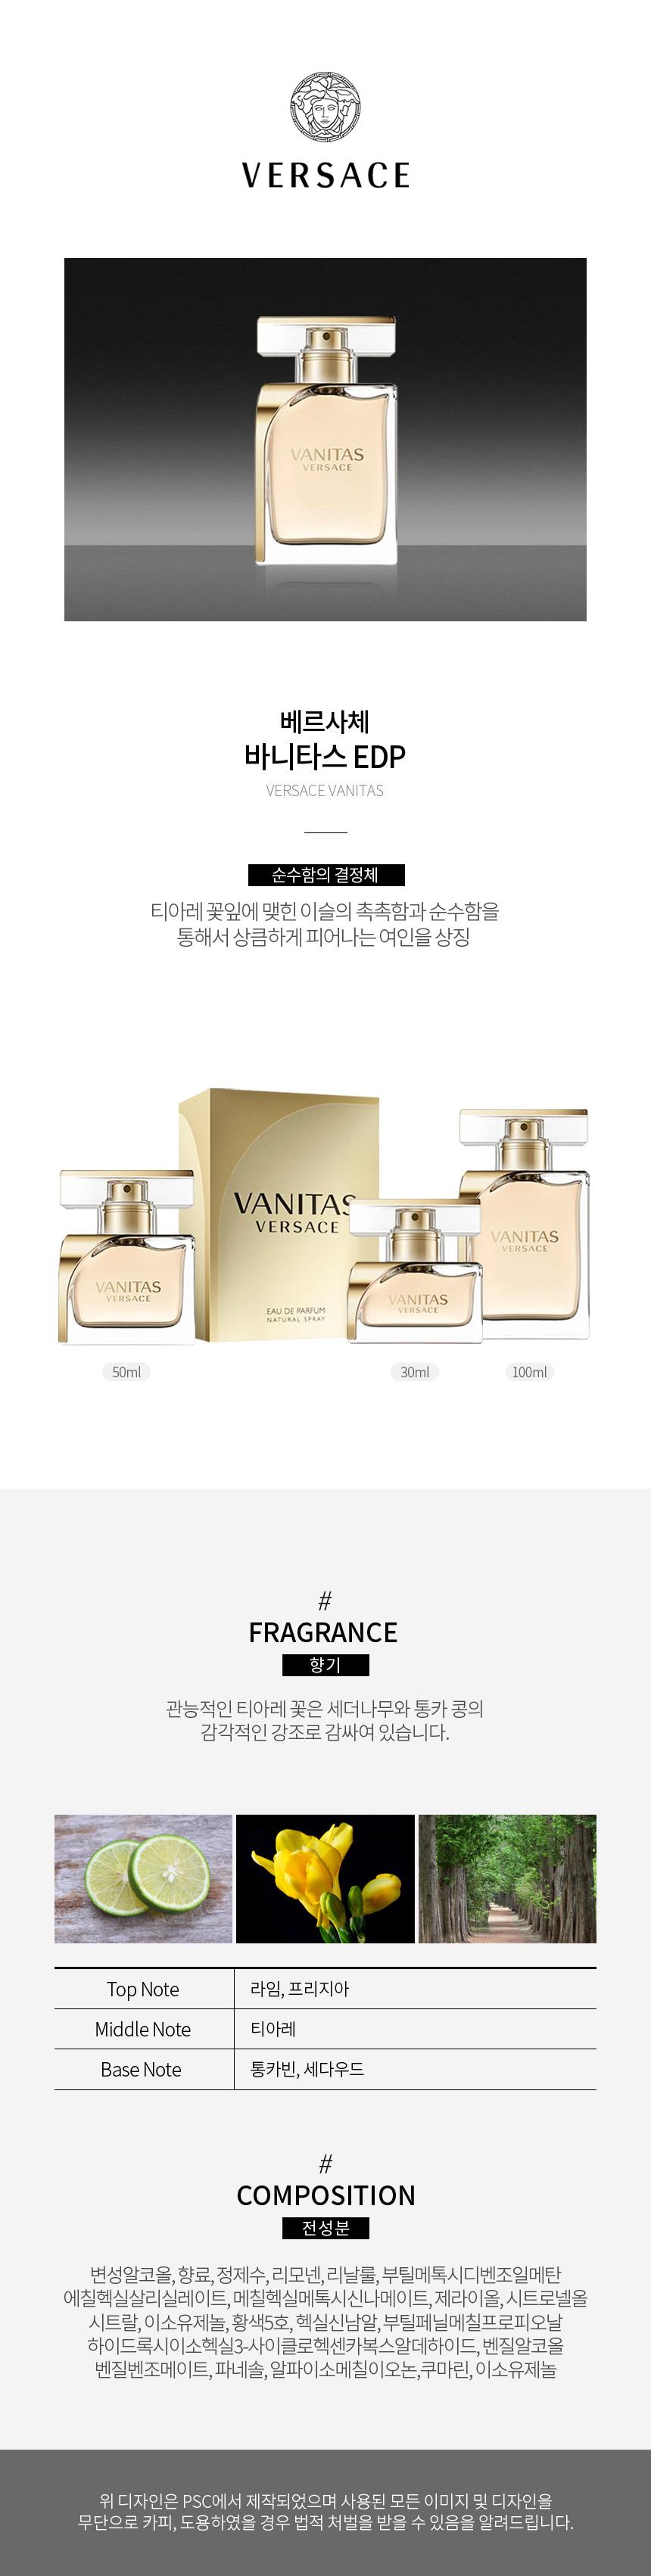 versace_vanitas_edp_page.jpg